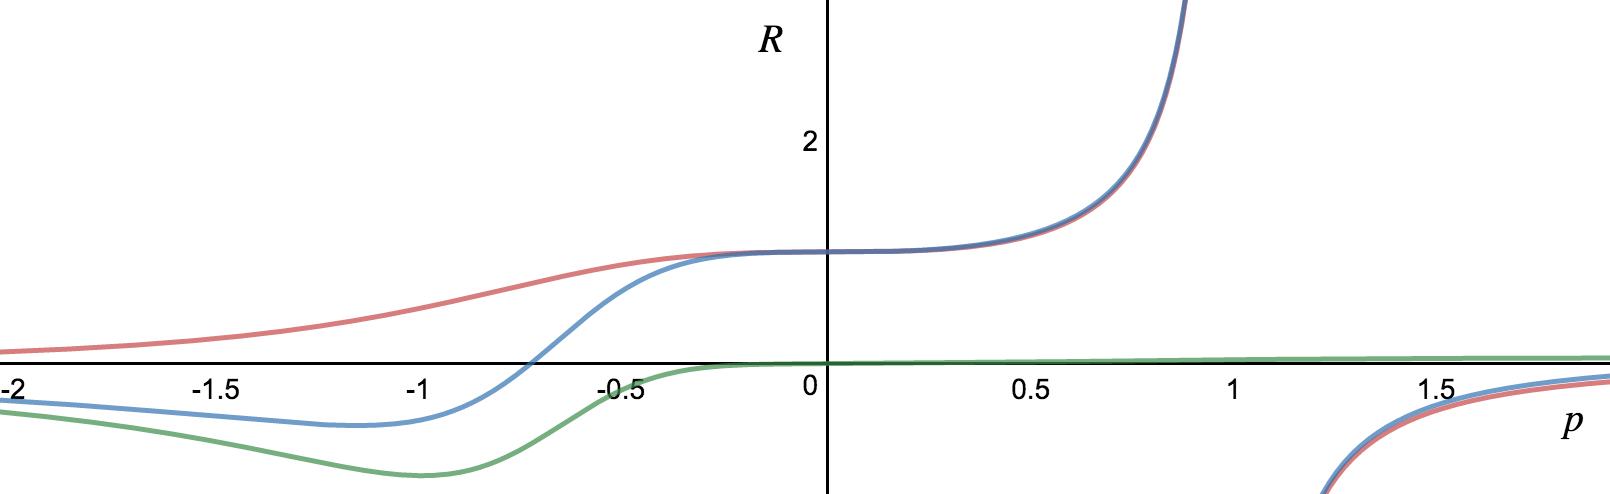 erlang-vs-heuristic-m-3